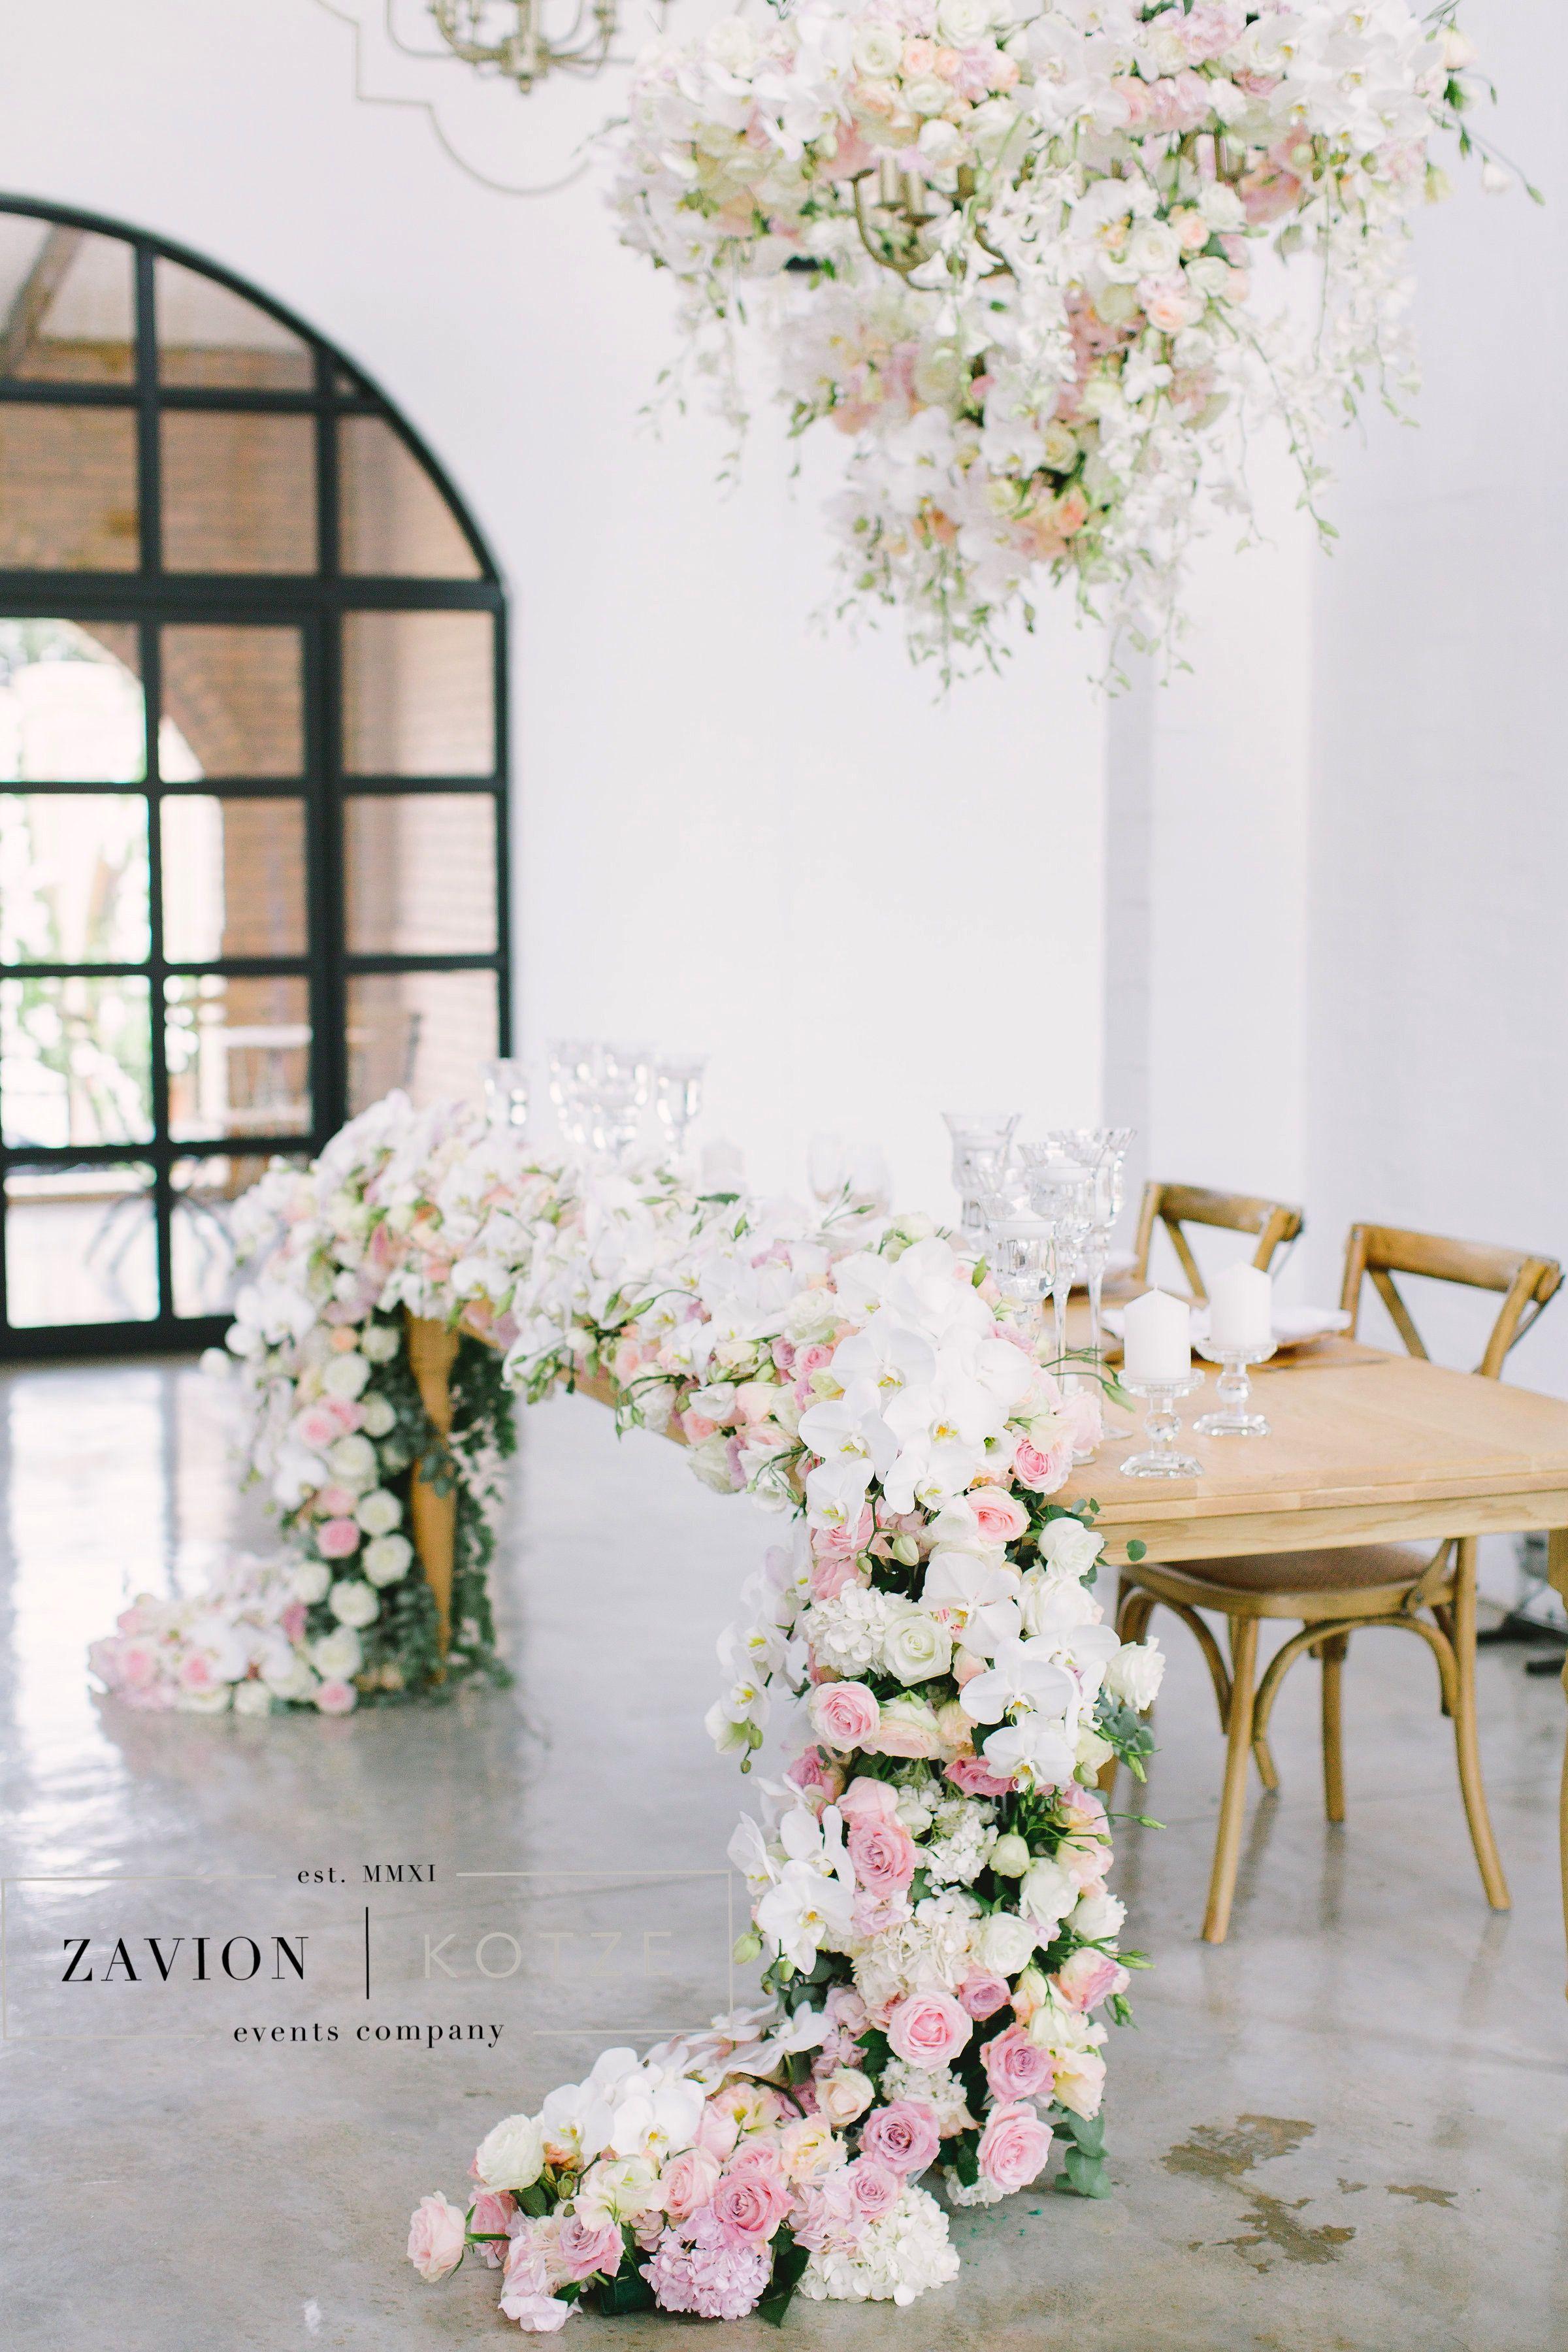 Bridal table, floral runner, flower runner, hanging